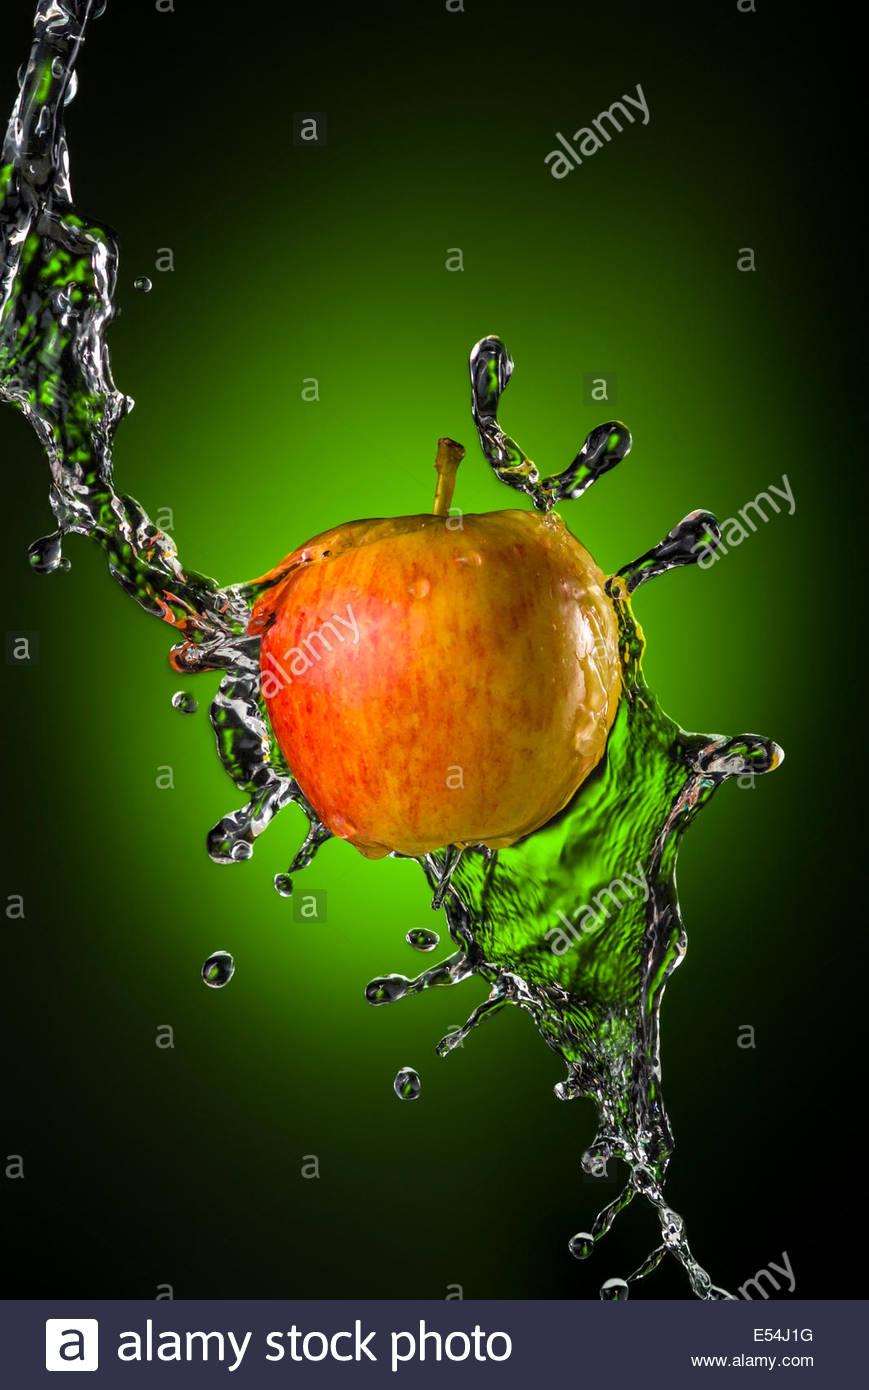 Red Apple Con Spruzzi Di Acqua Su Sfondo Verde Foto Immagine Stock